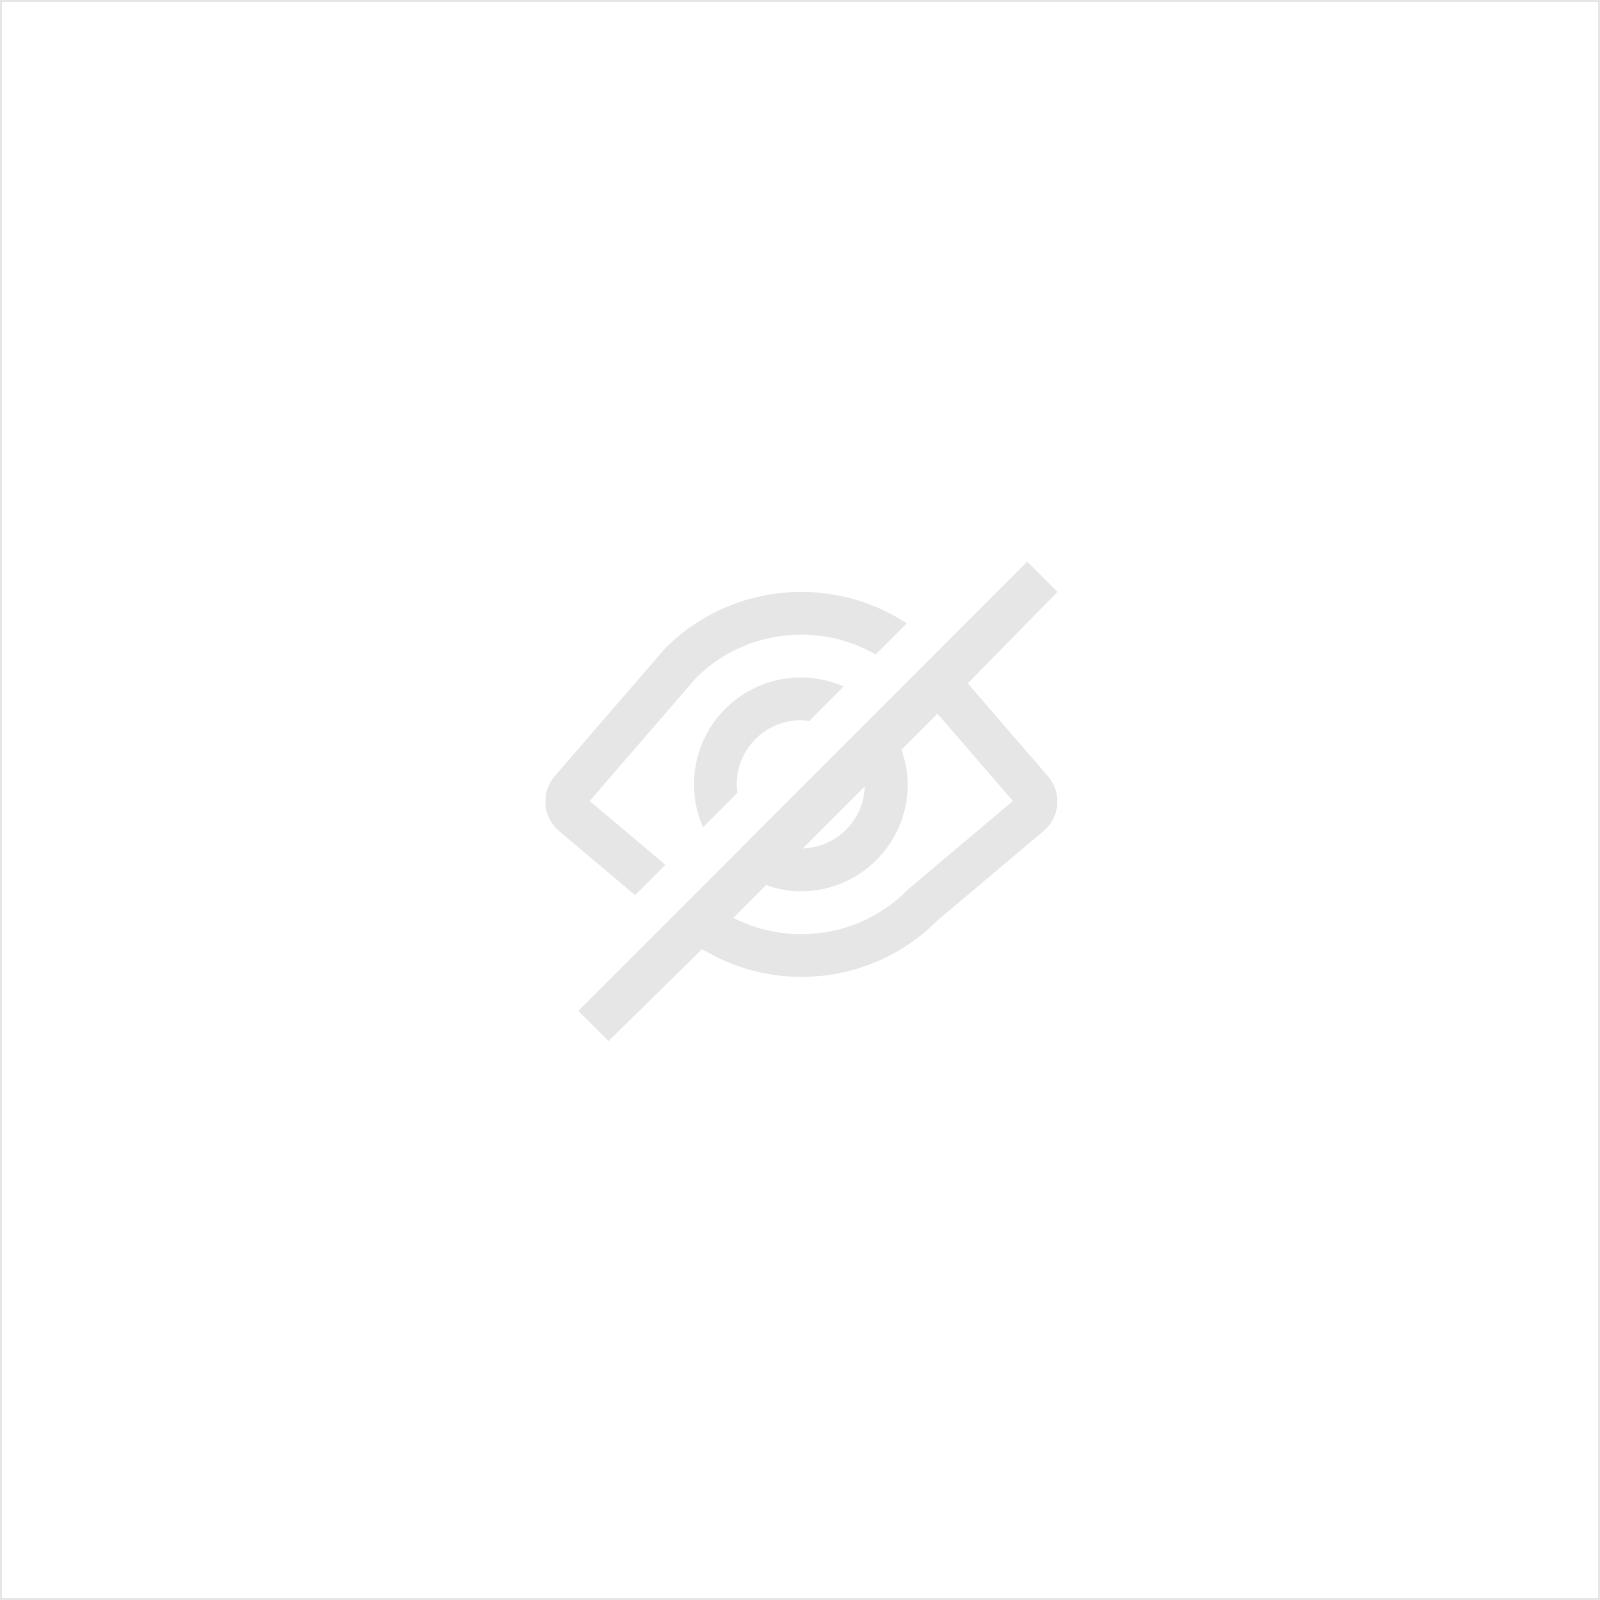 ABRASIF GRENAT GRADE A+ POUR SABLEUSE A PRESSION PALETTE 1000 KG